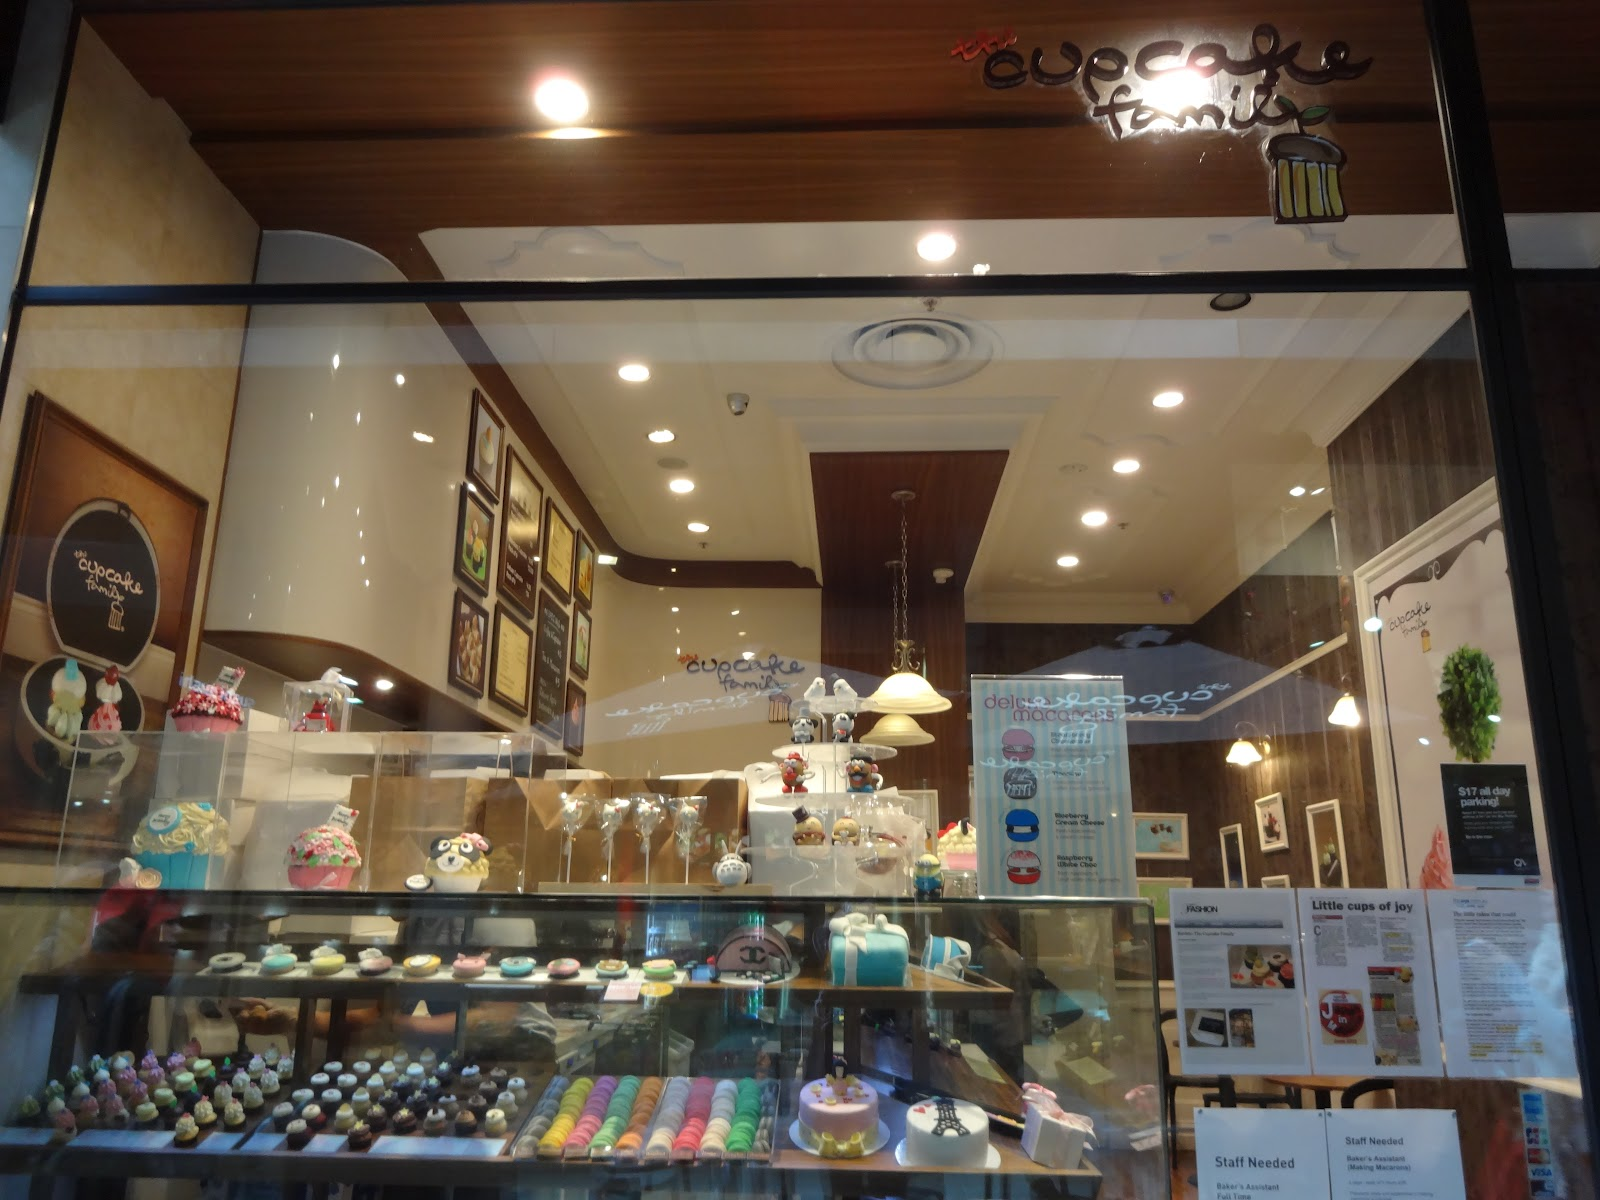 ugg australia shop melbourne central